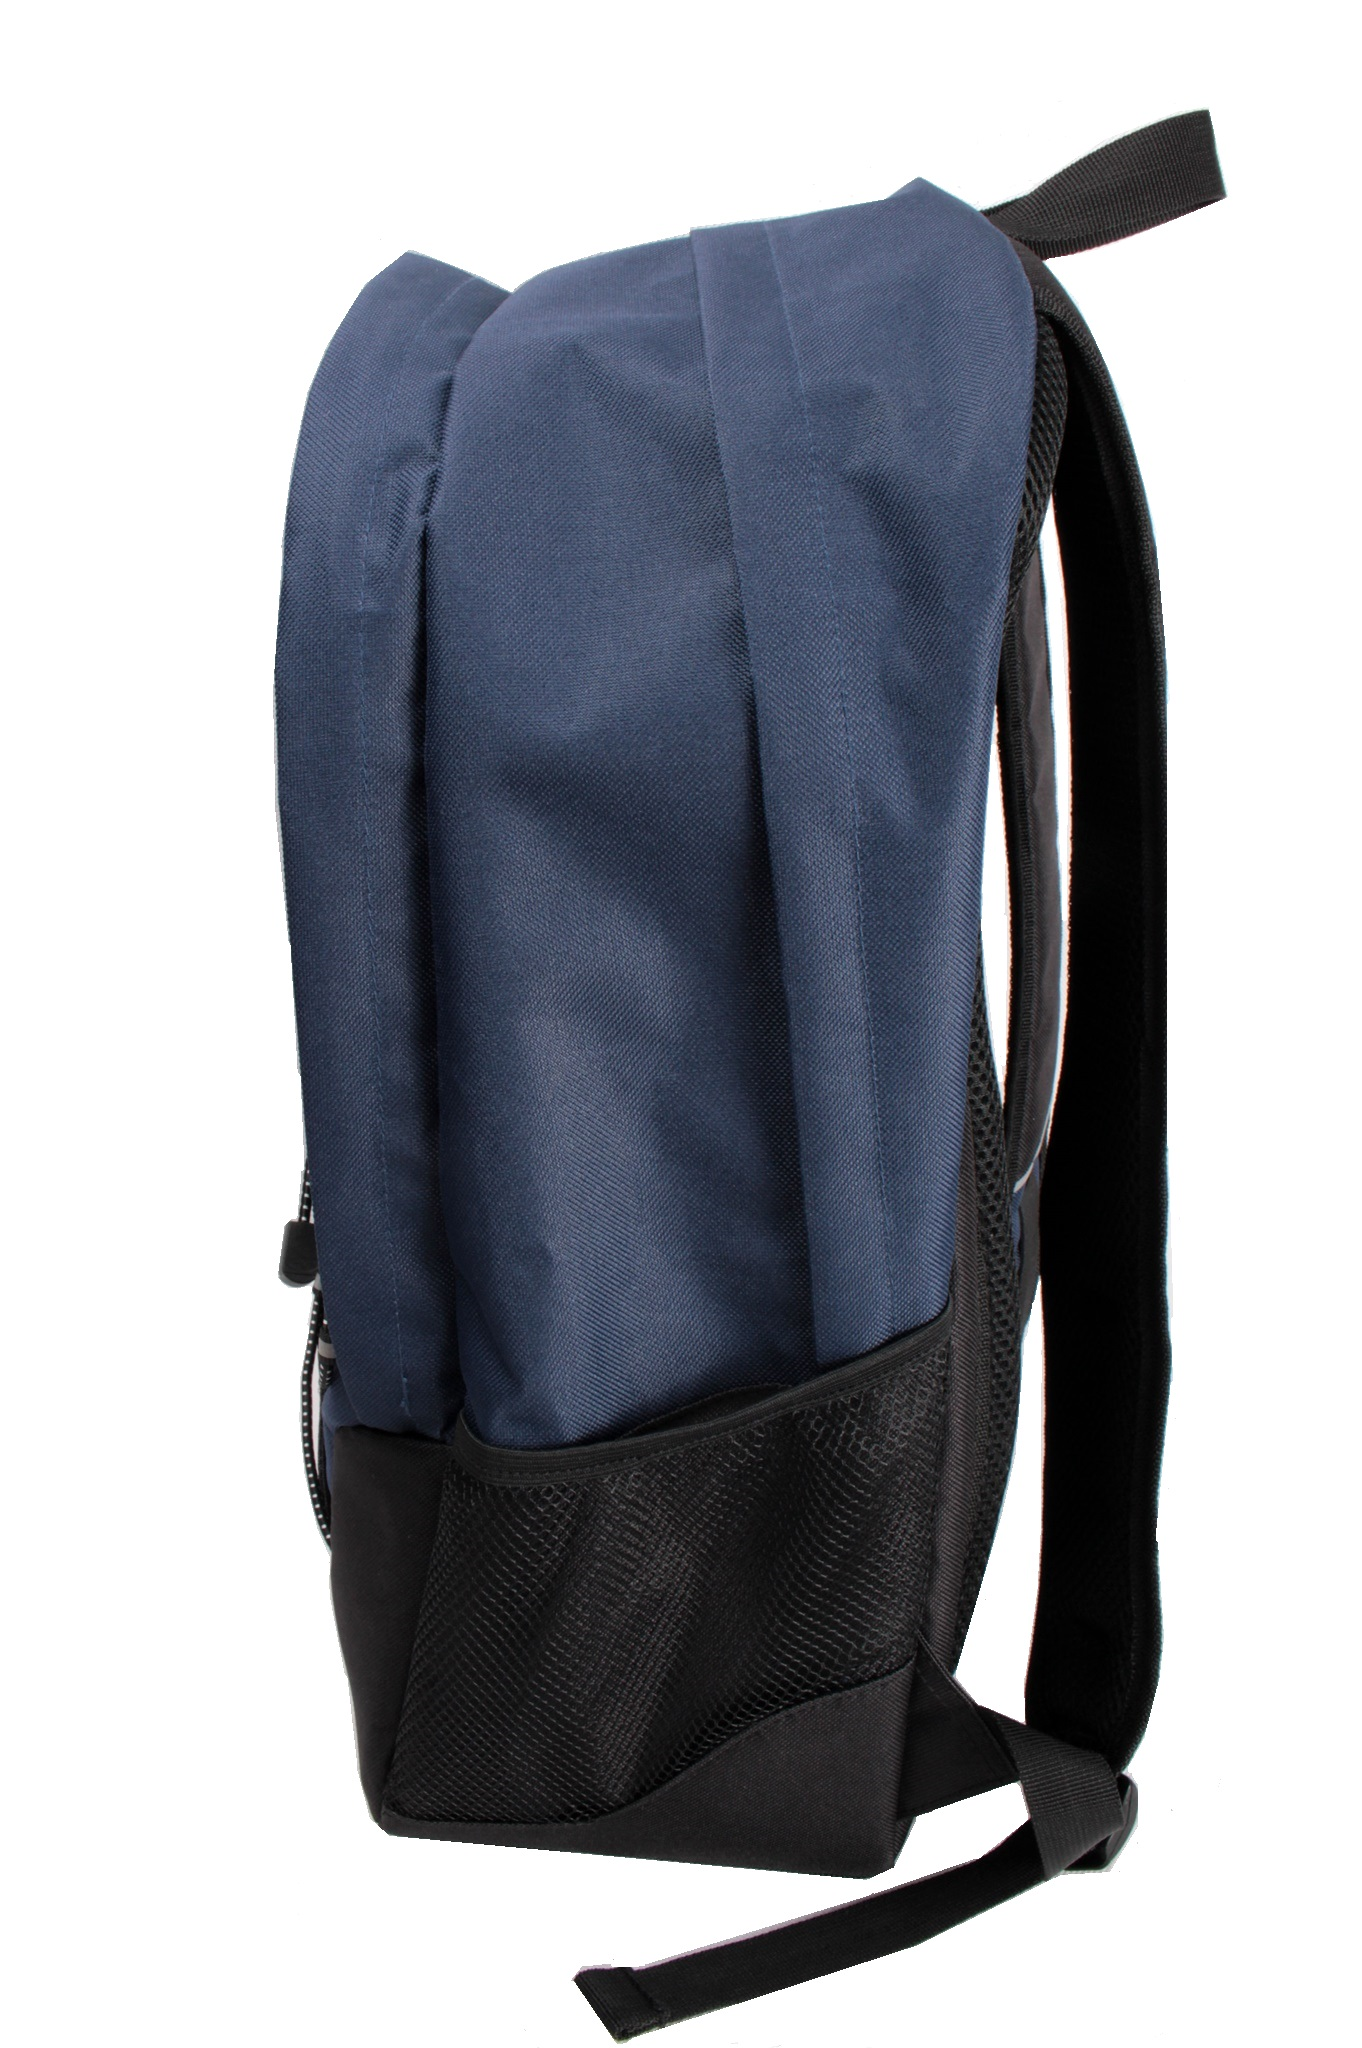 Hard Work Sports Classic Backpack